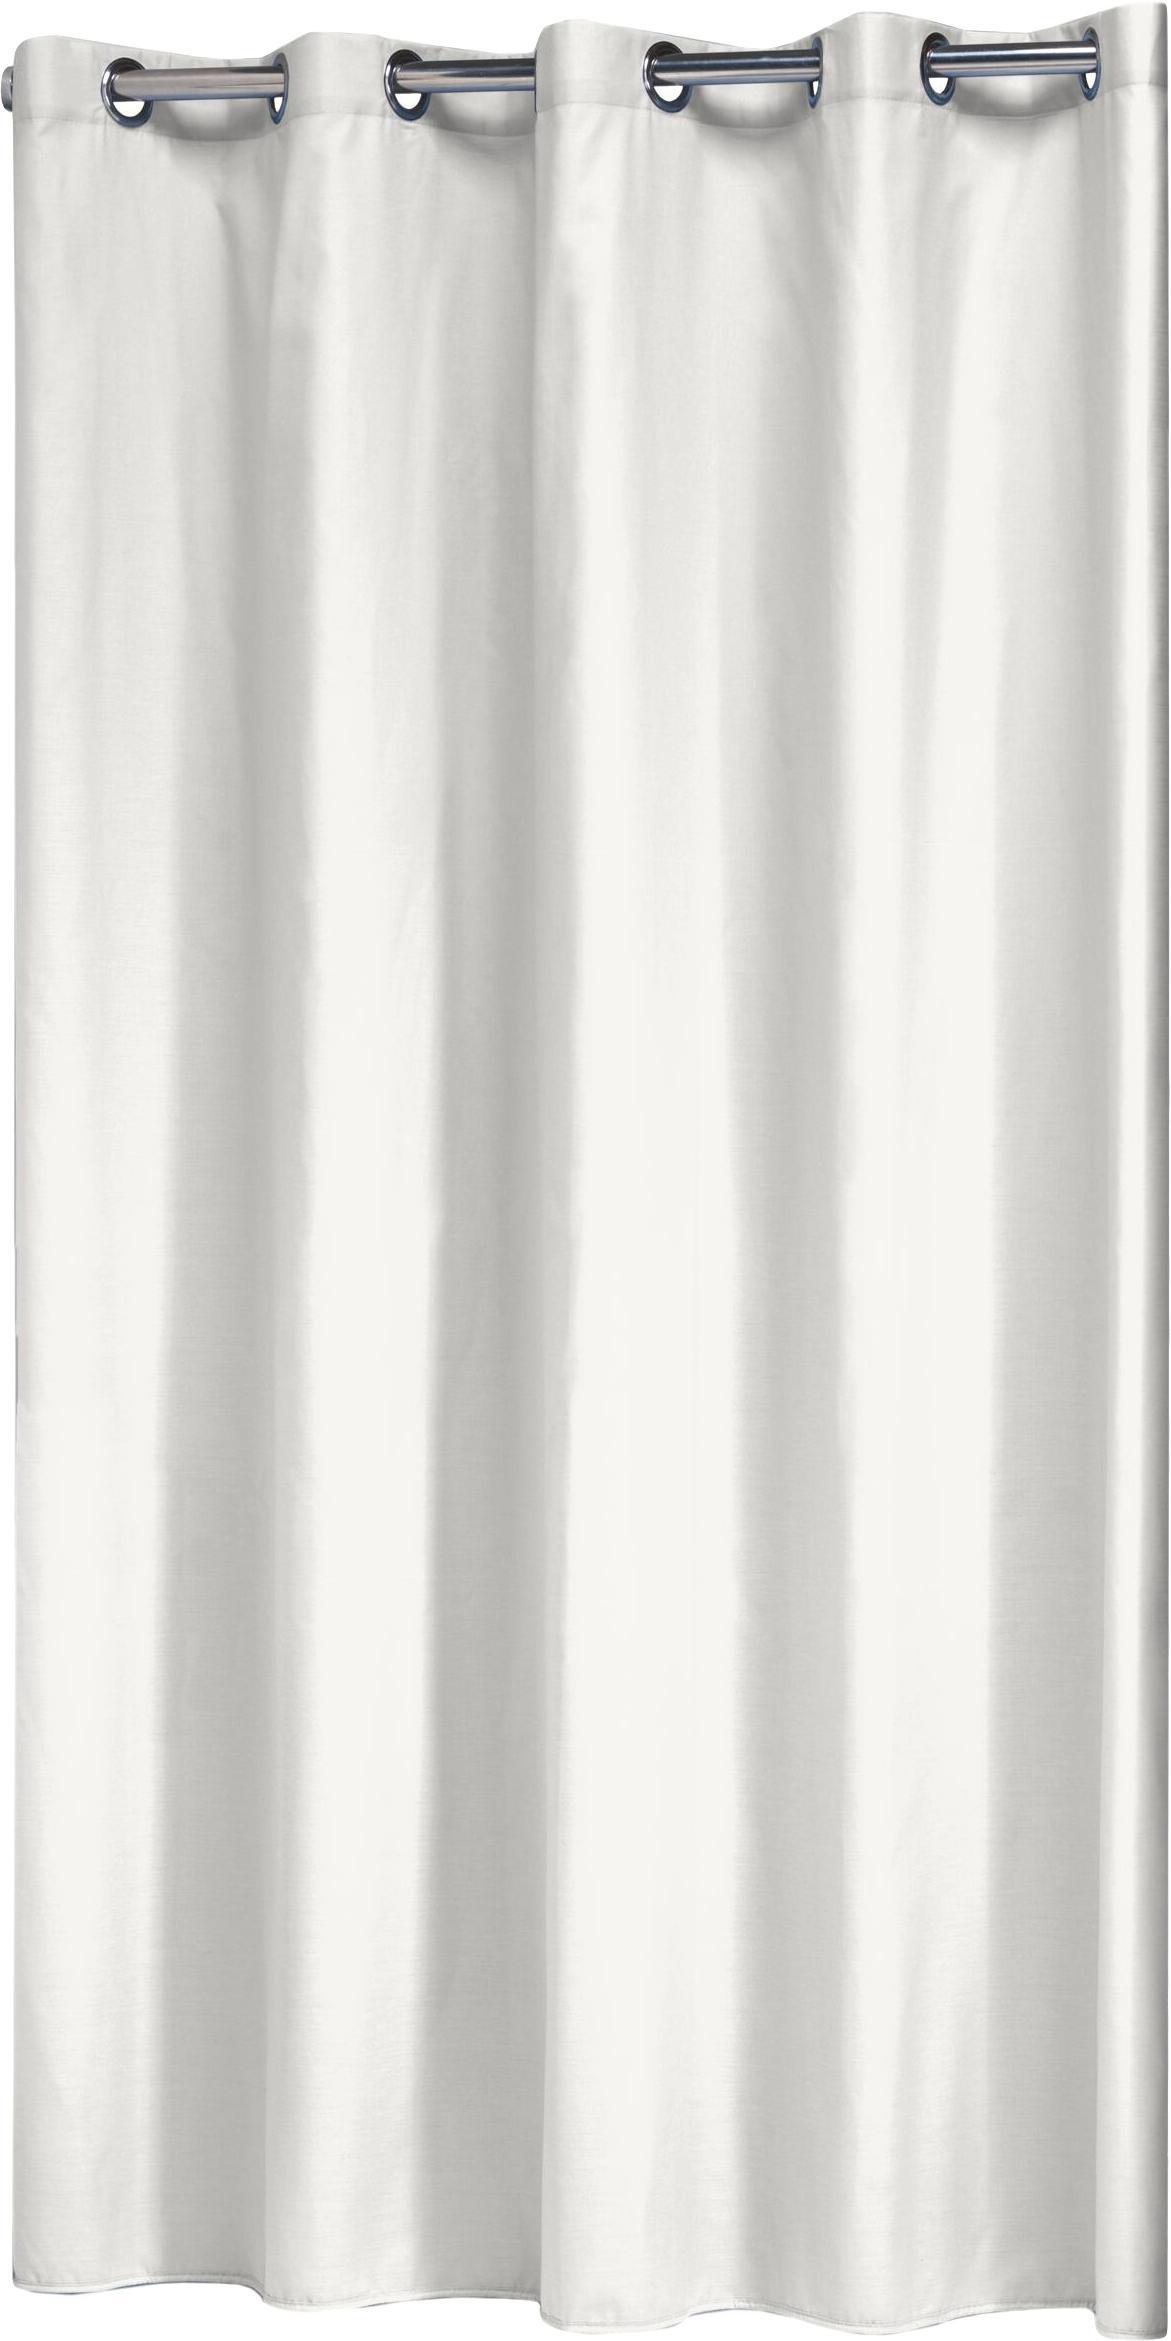 Douchegordijn Coloris van katoenen mix., Oogjes: metaal, Gebroken wit, 180 x 200 cm